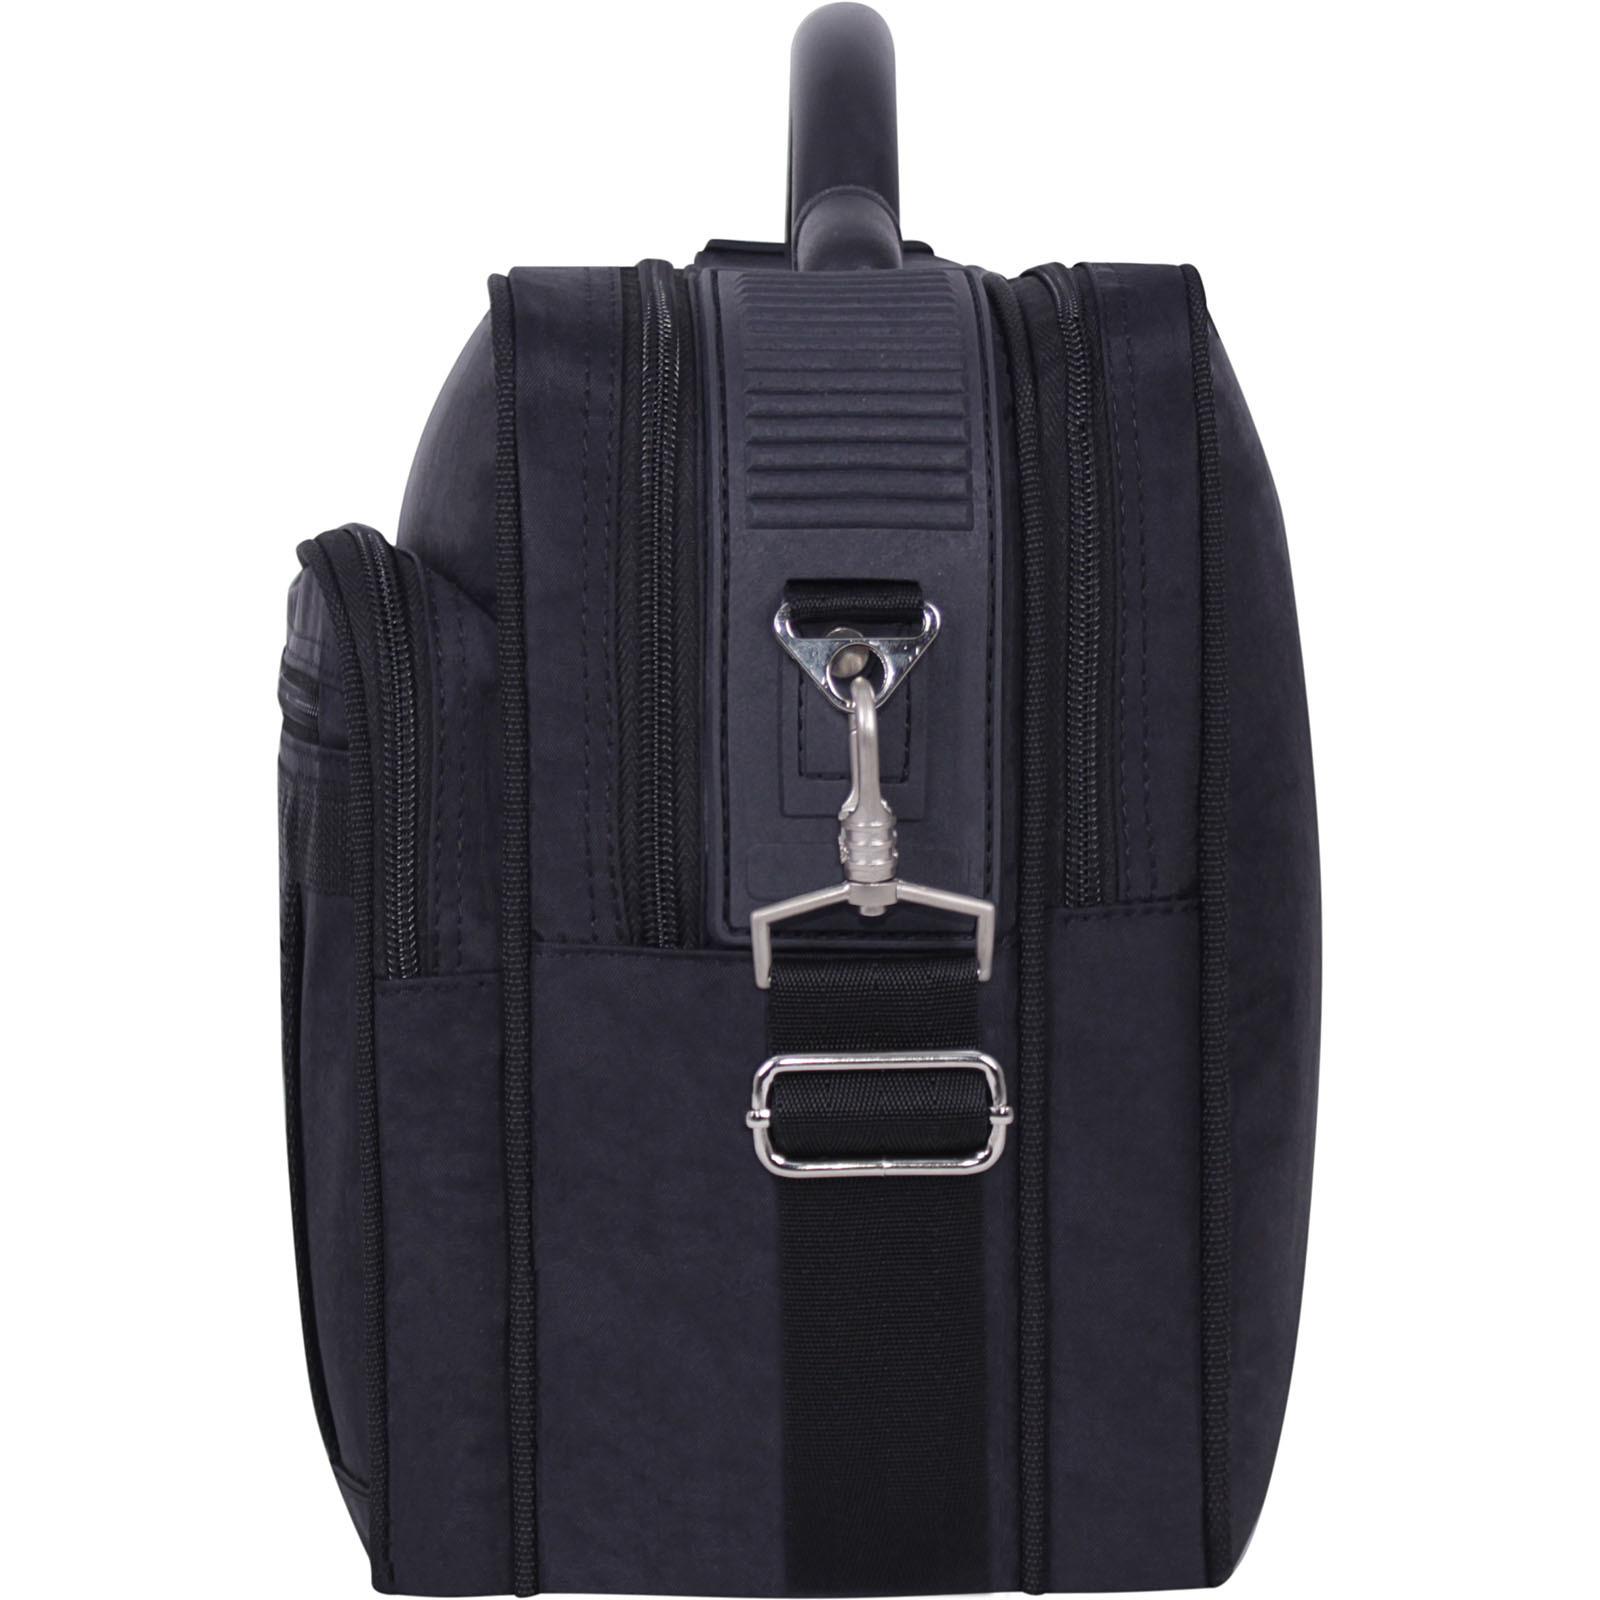 Мужская сумка Bagland Mr.Cool 15 л. Чёрный (0025170) фото 4